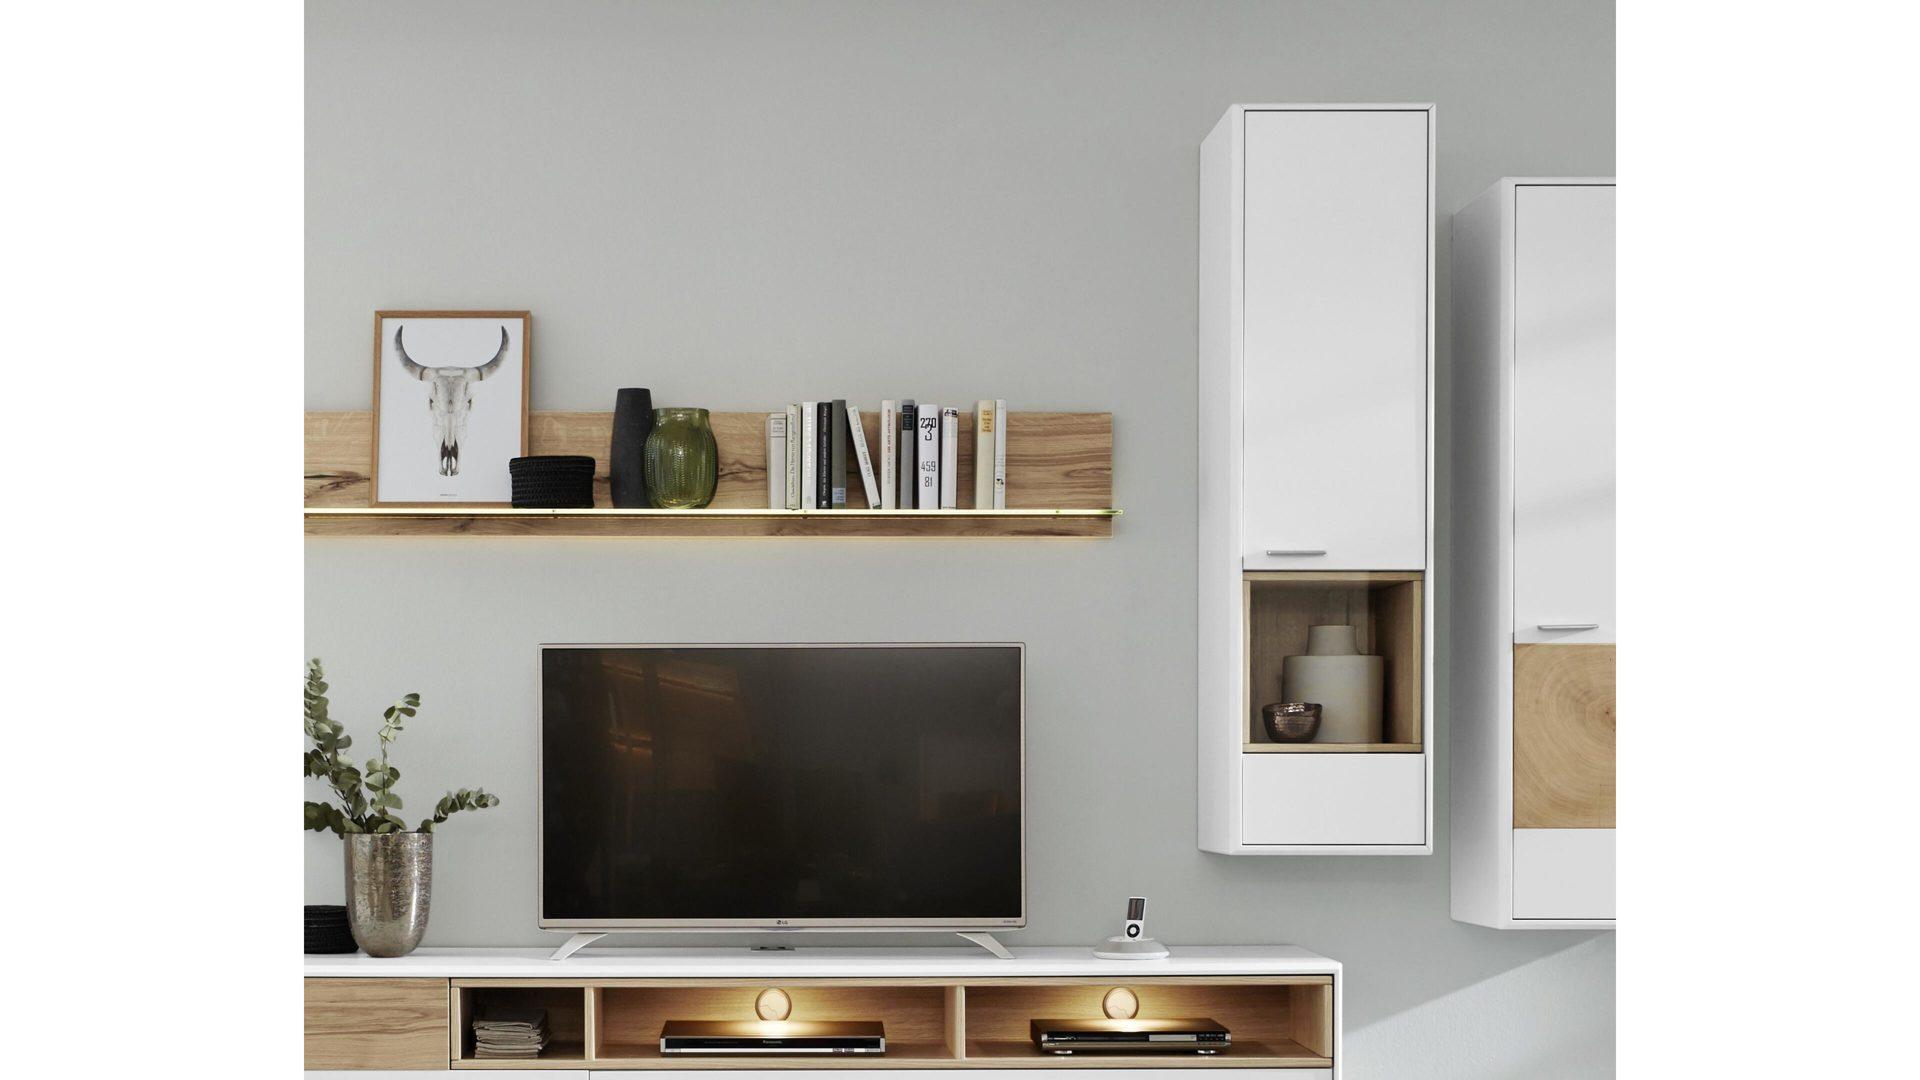 interliving wohnzimmer serie 2102 hangevitrine